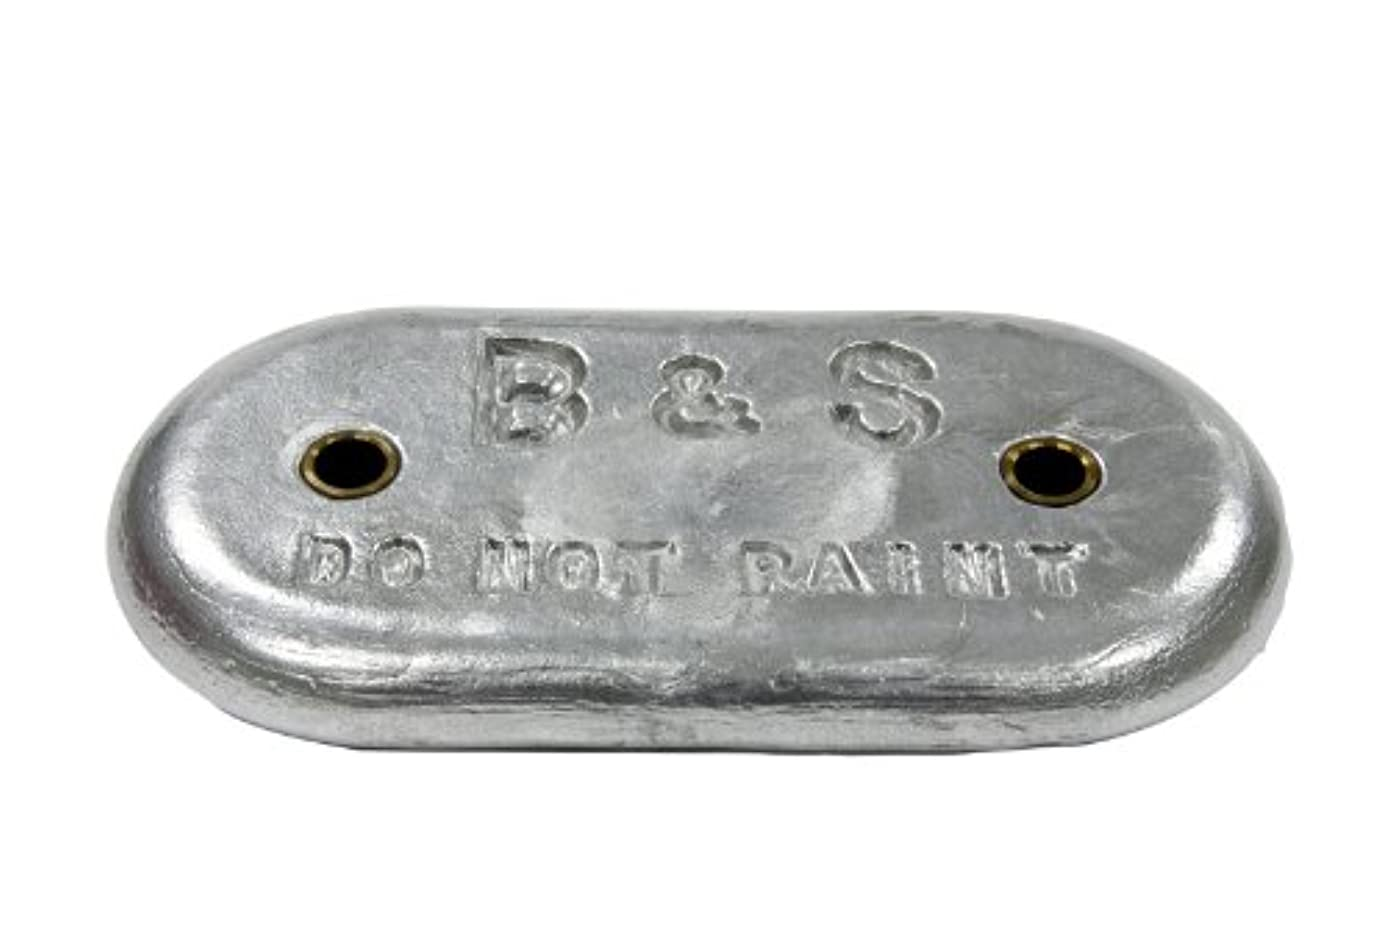 正しくくぼみ法王Bossler & Sweezeyプレート亜鉛5lbs 8 oz – bsmb6